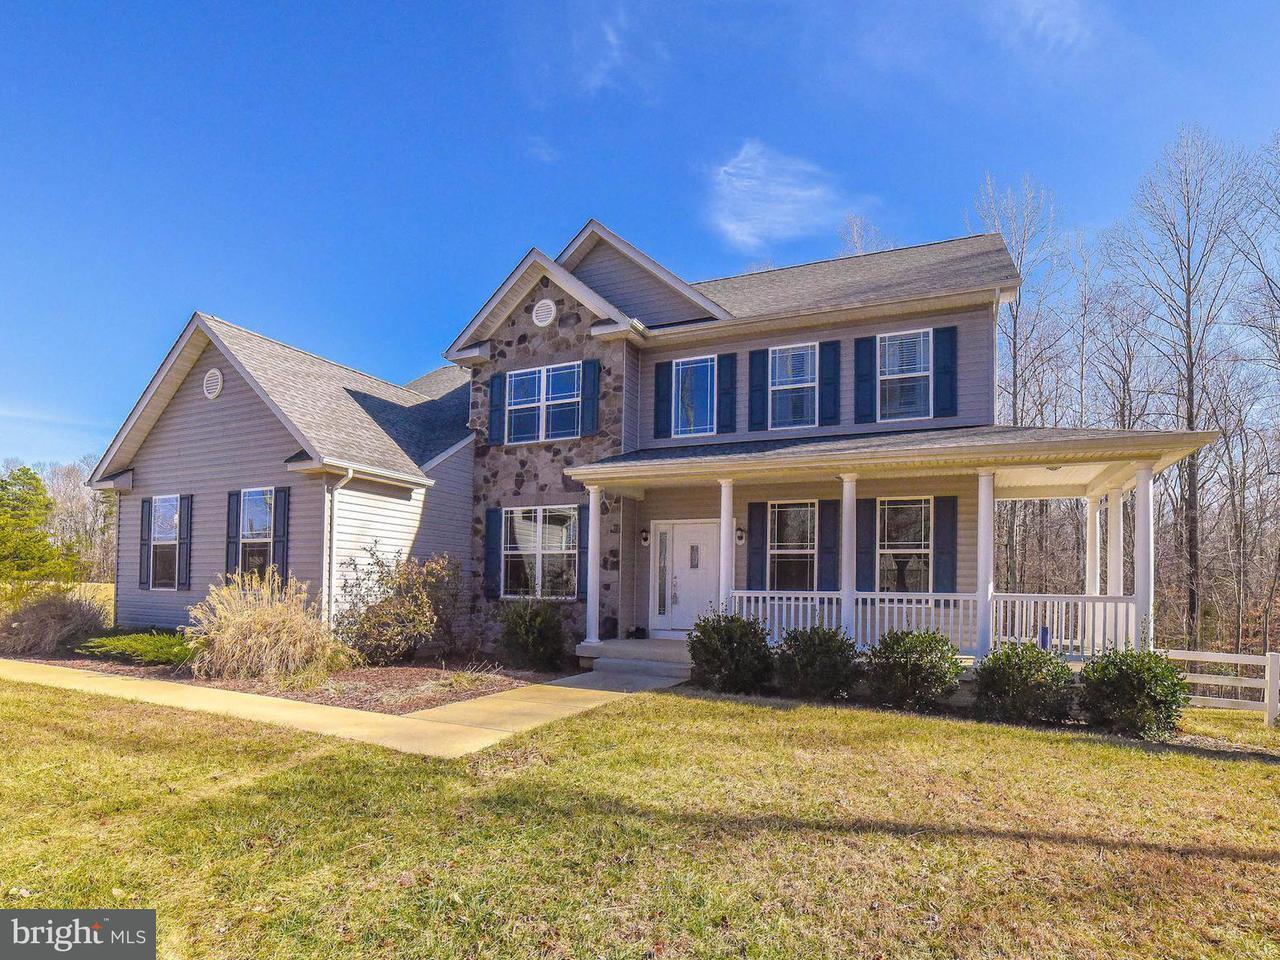 獨棟家庭住宅 為 出售 在 6020 Crayfish Court 6020 Crayfish Court Bryantown, 馬里蘭州 20617 美國